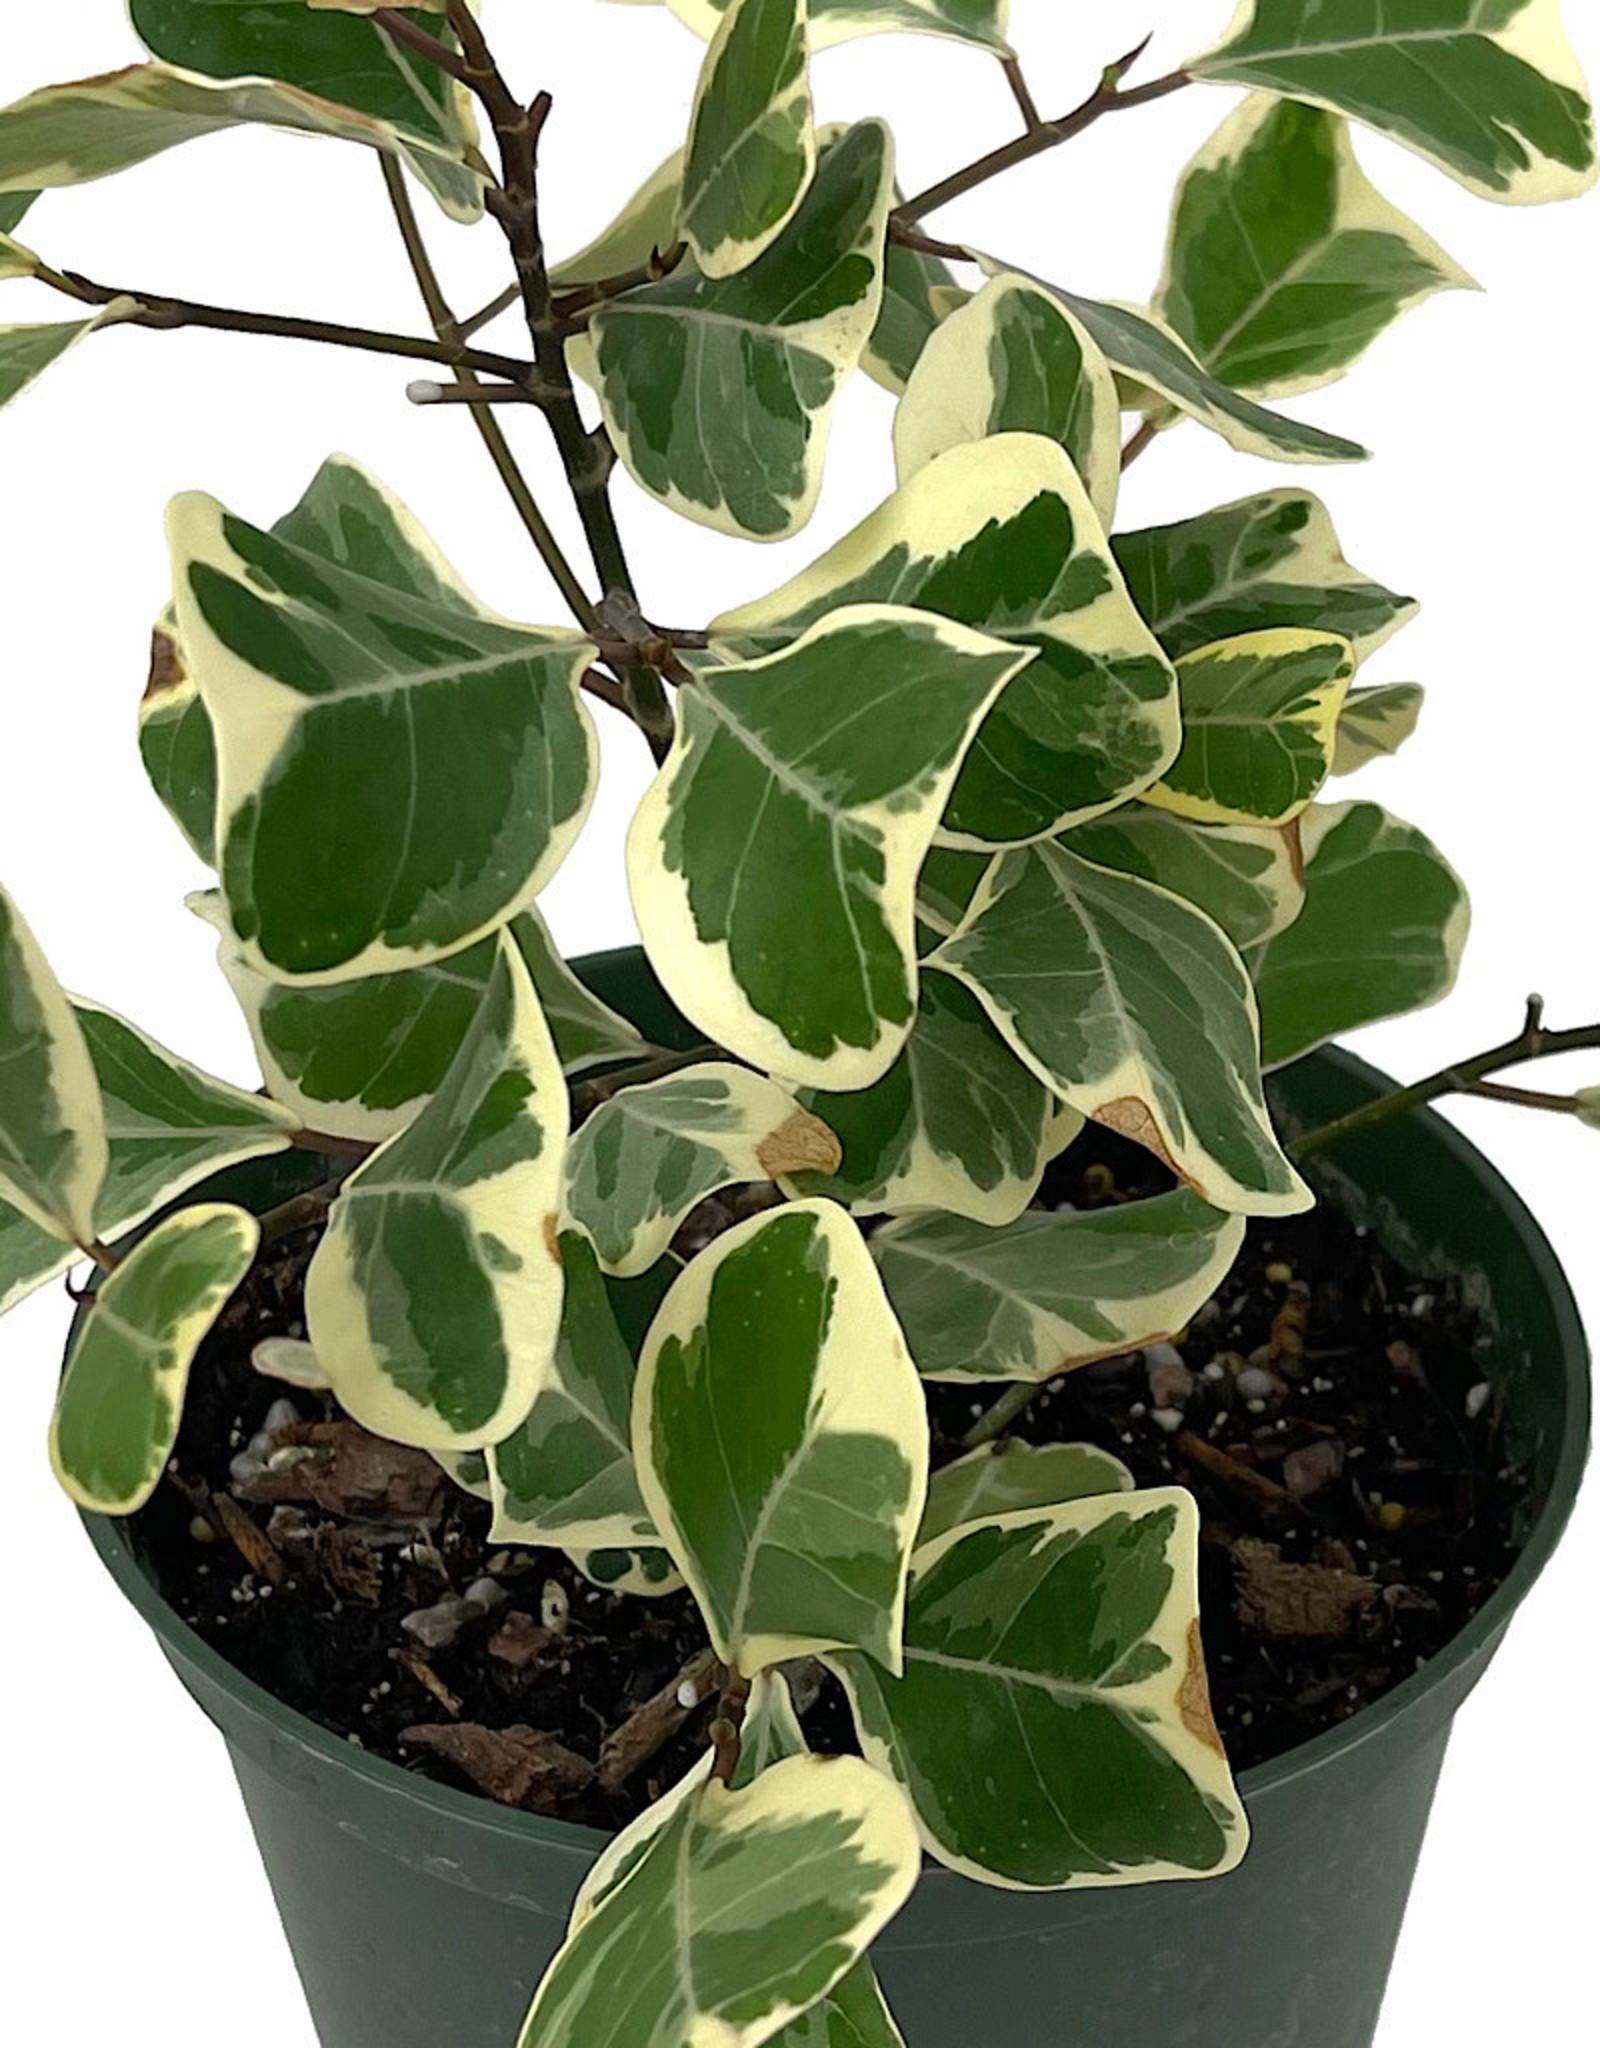 Ficus triangularis 'Variegated' 6 Inch